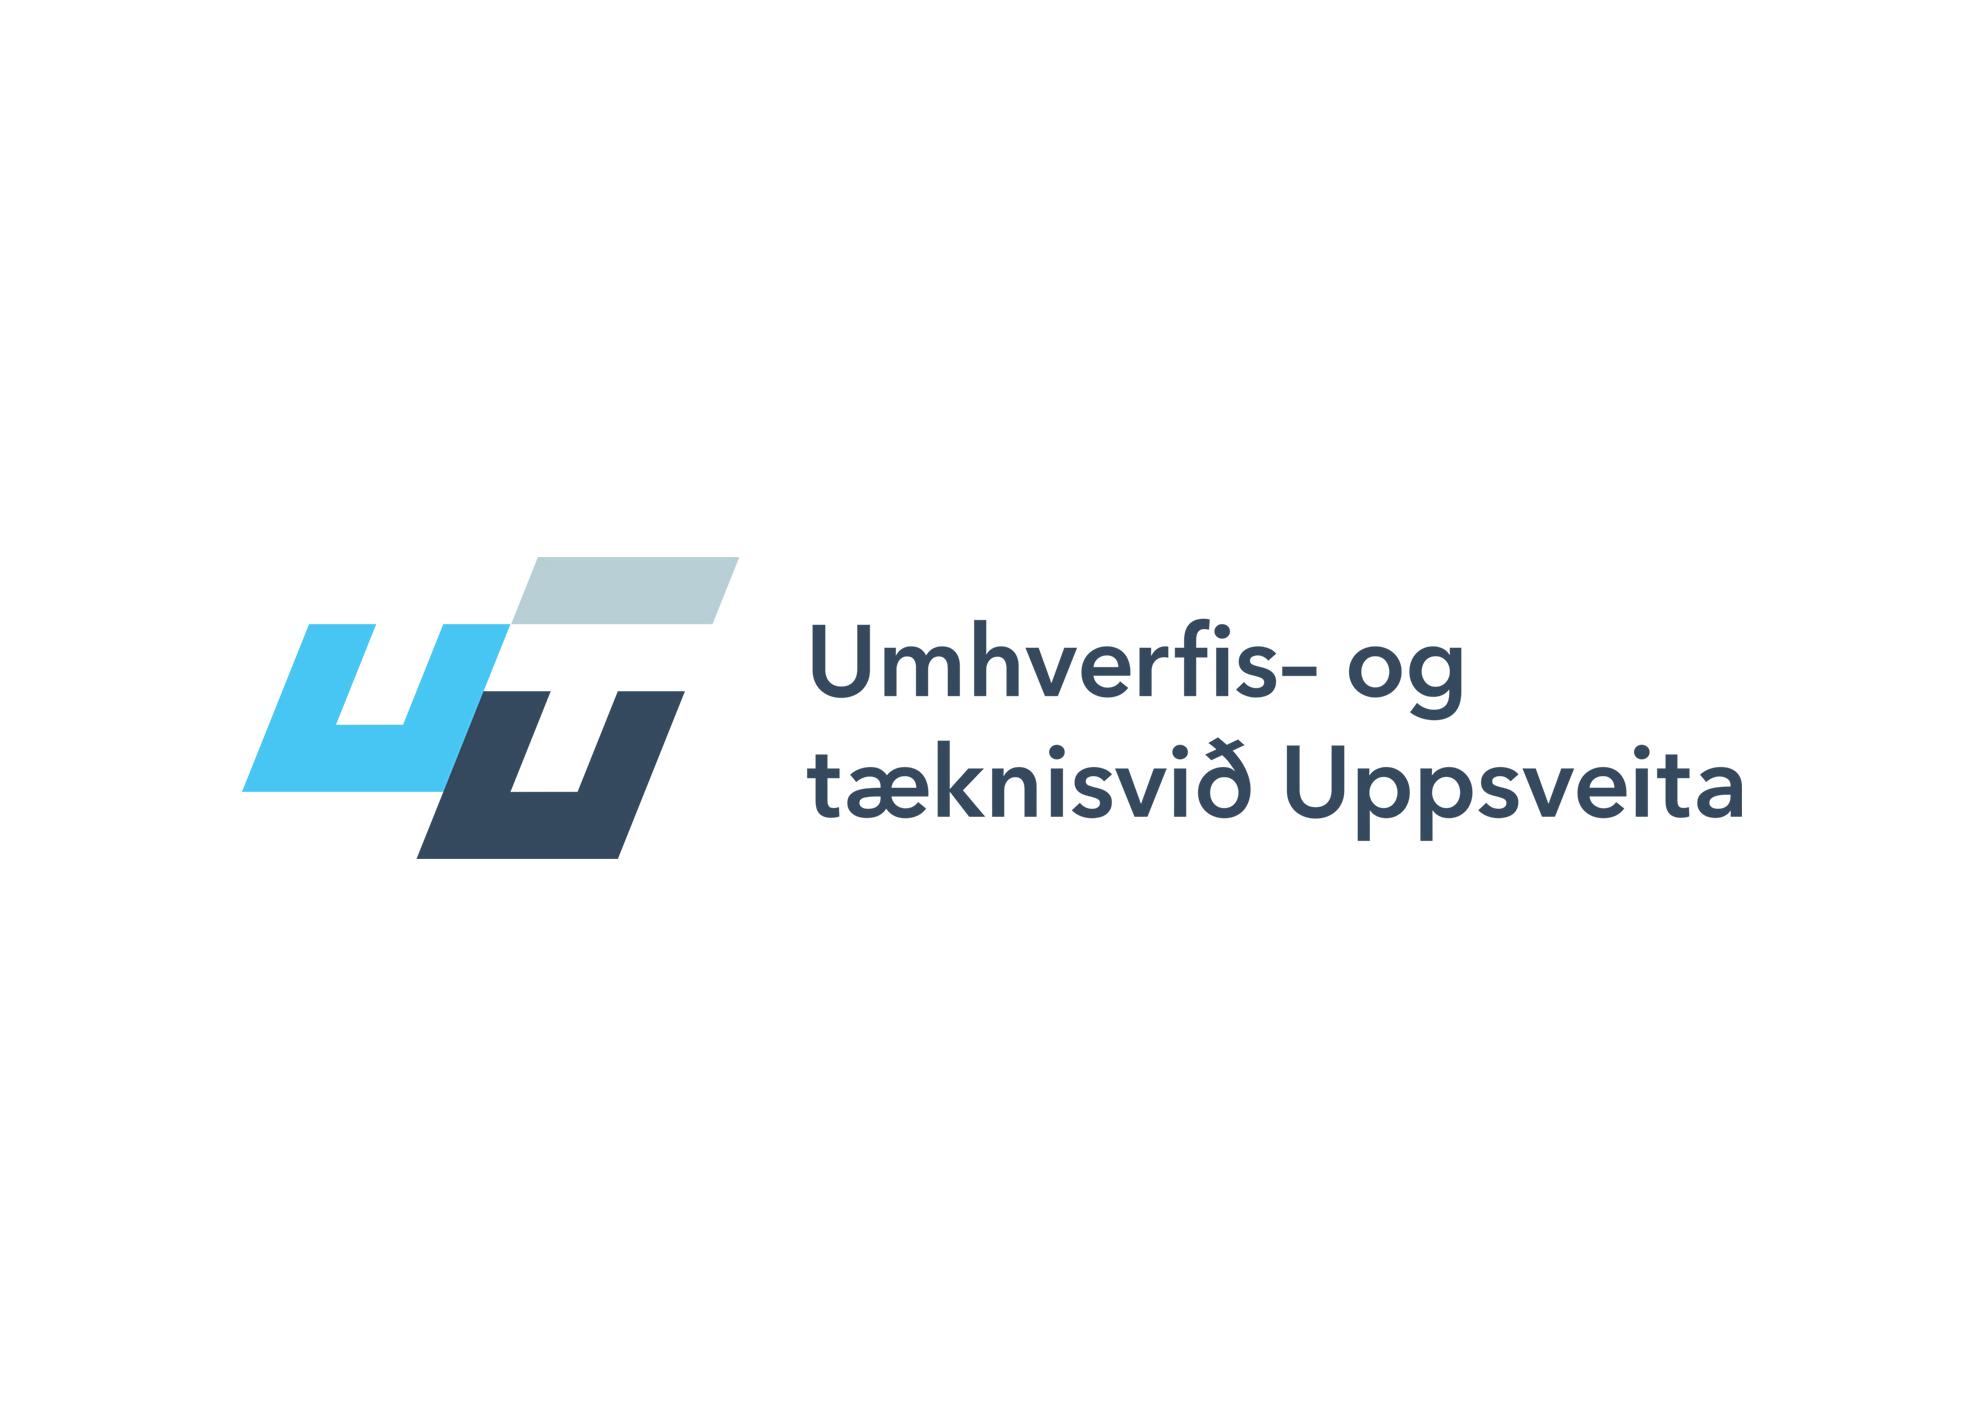 Umhverfis- og tæknisvið Uppsveita - MÖRKUN